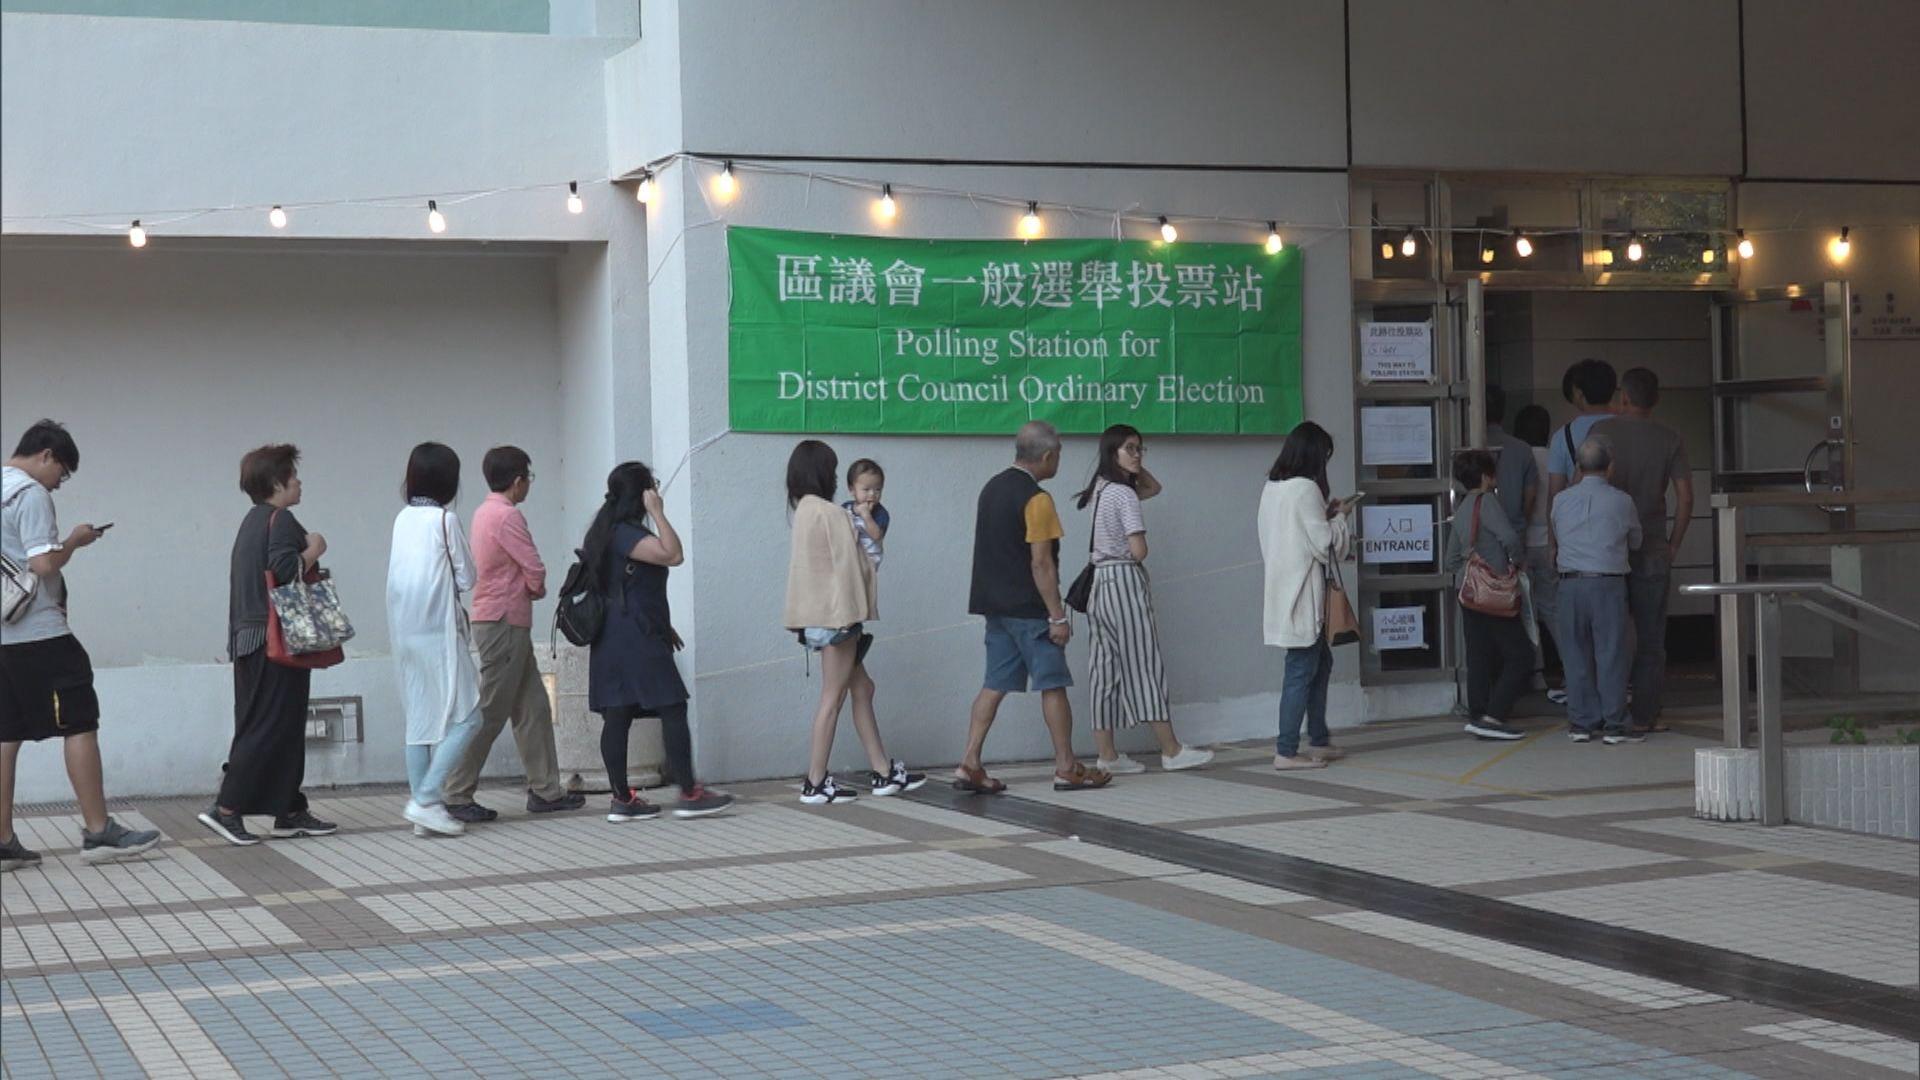 曾國衞:政府對境外投票可行性持開放態度 無時間表